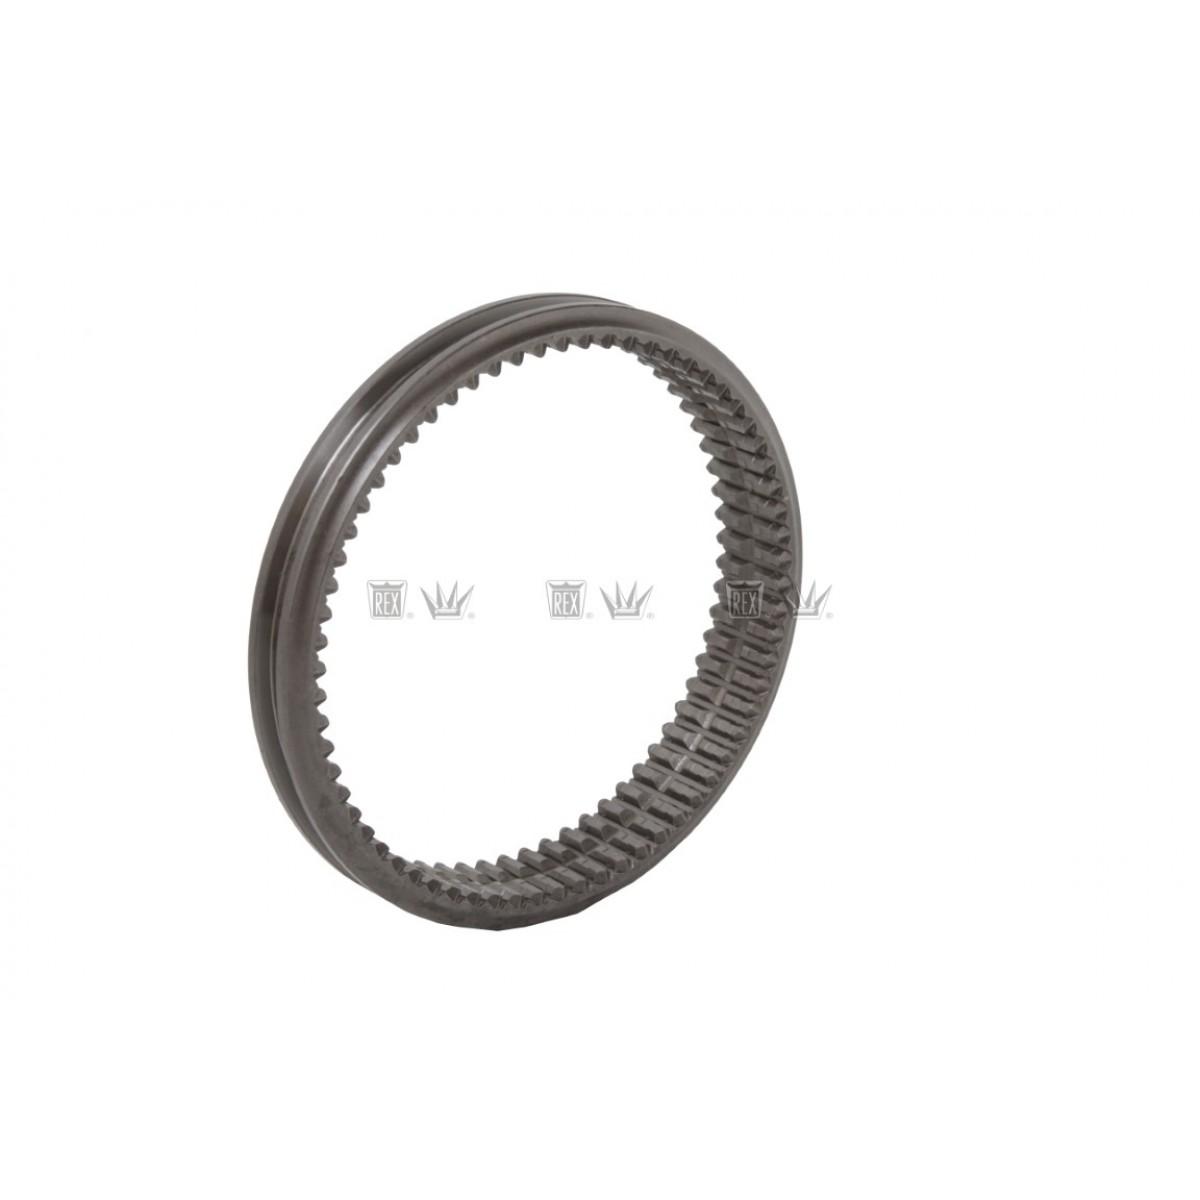 Luva engate caixa cambio ZF S5-420